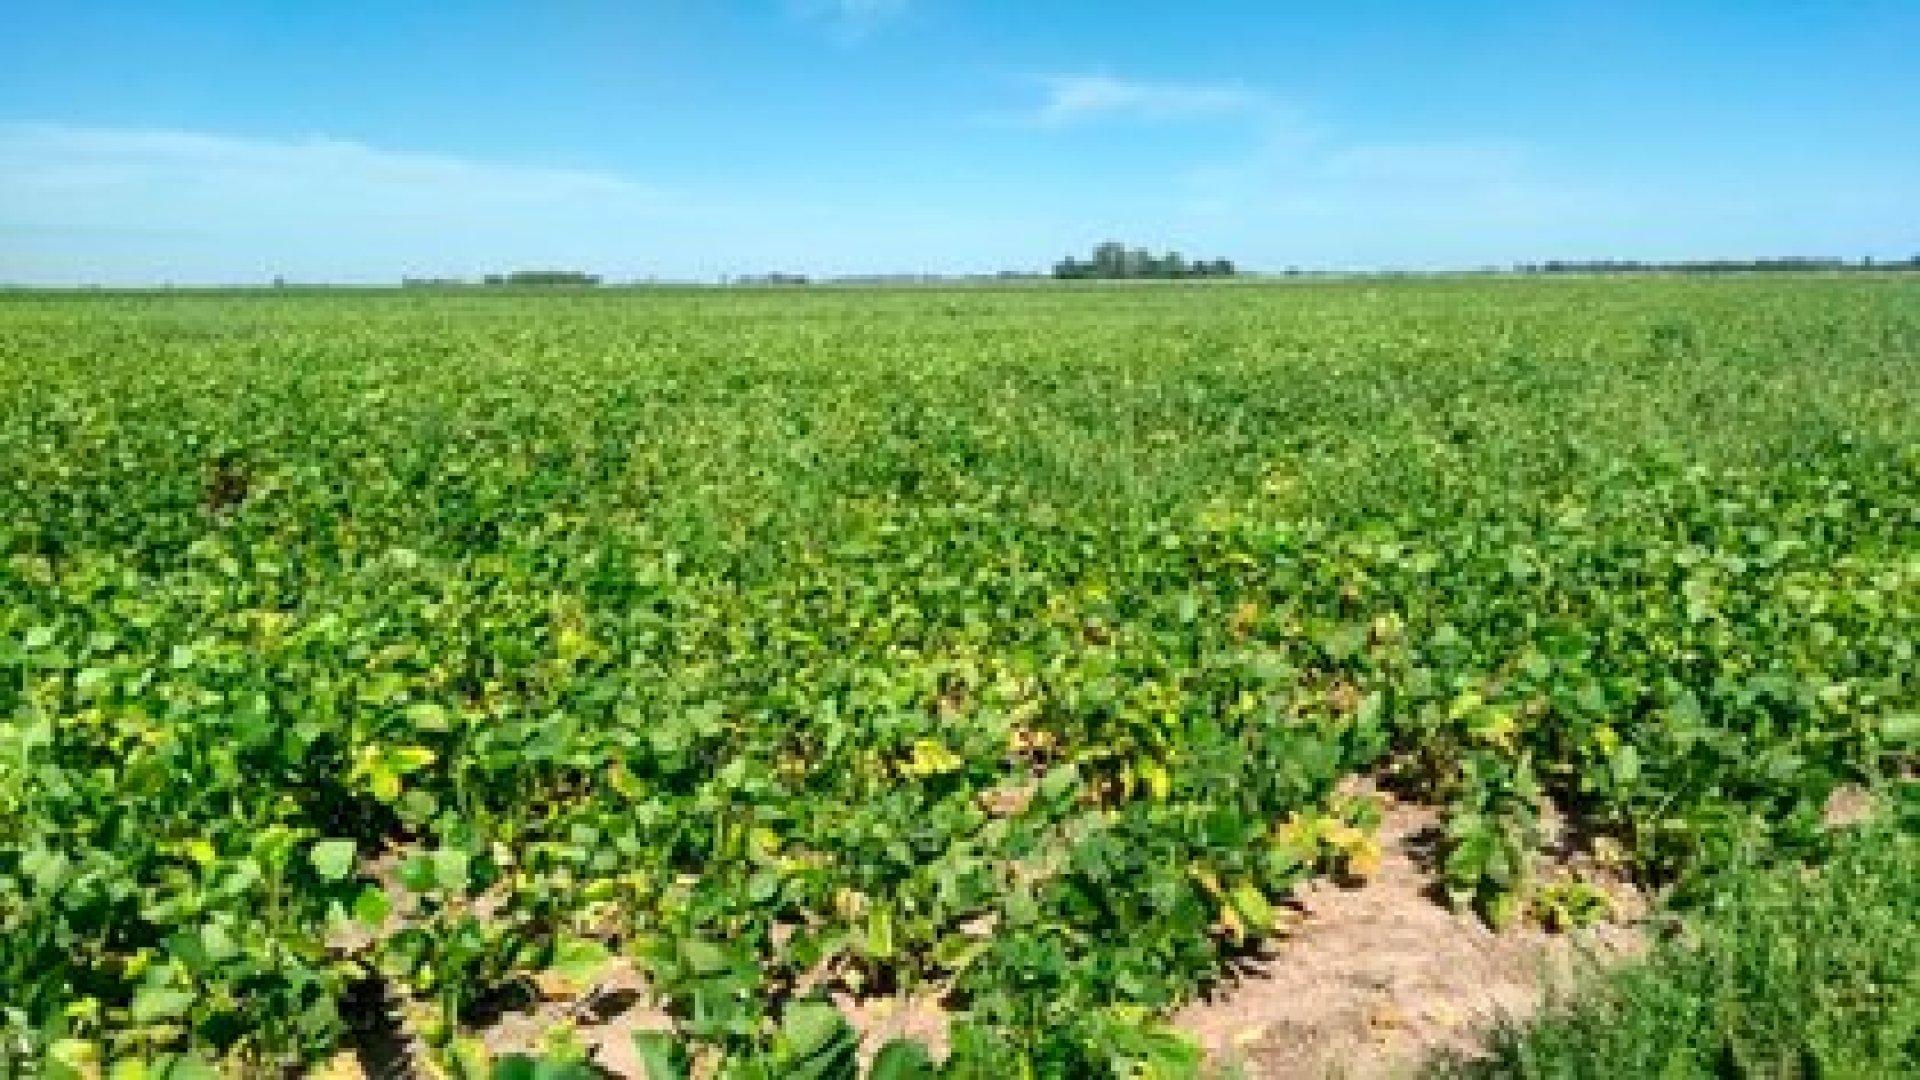 Lotes de soja en la provincia de Buenos Aires afectados por la falta de lluvias (Martín Goinzueta)